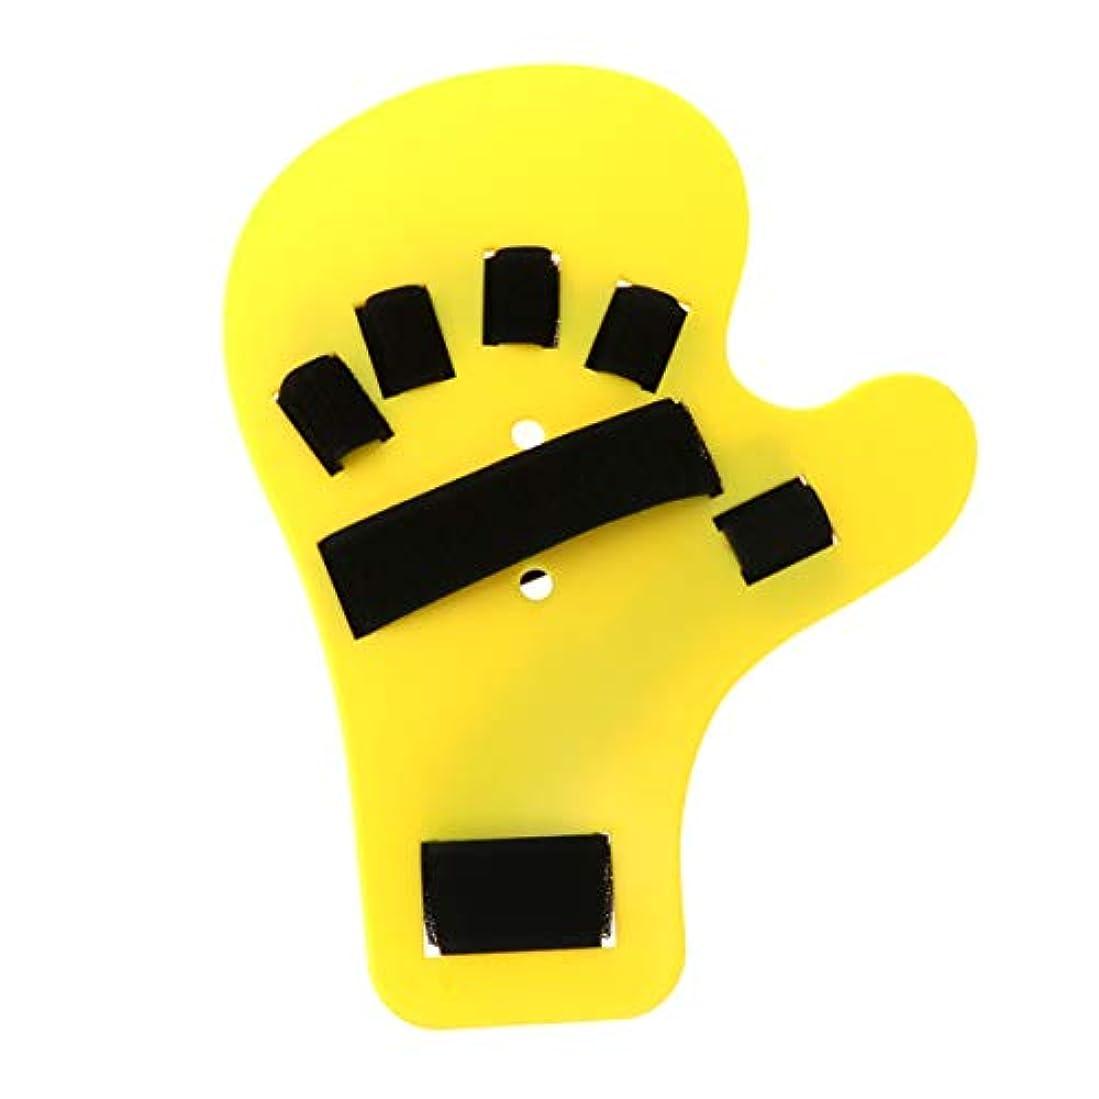 ぶら下がる神話性能SUPVOX 指装具指板ストロークハンドスプリントトレーニングサポートハンド手首トレーニング右手用装具デバイス